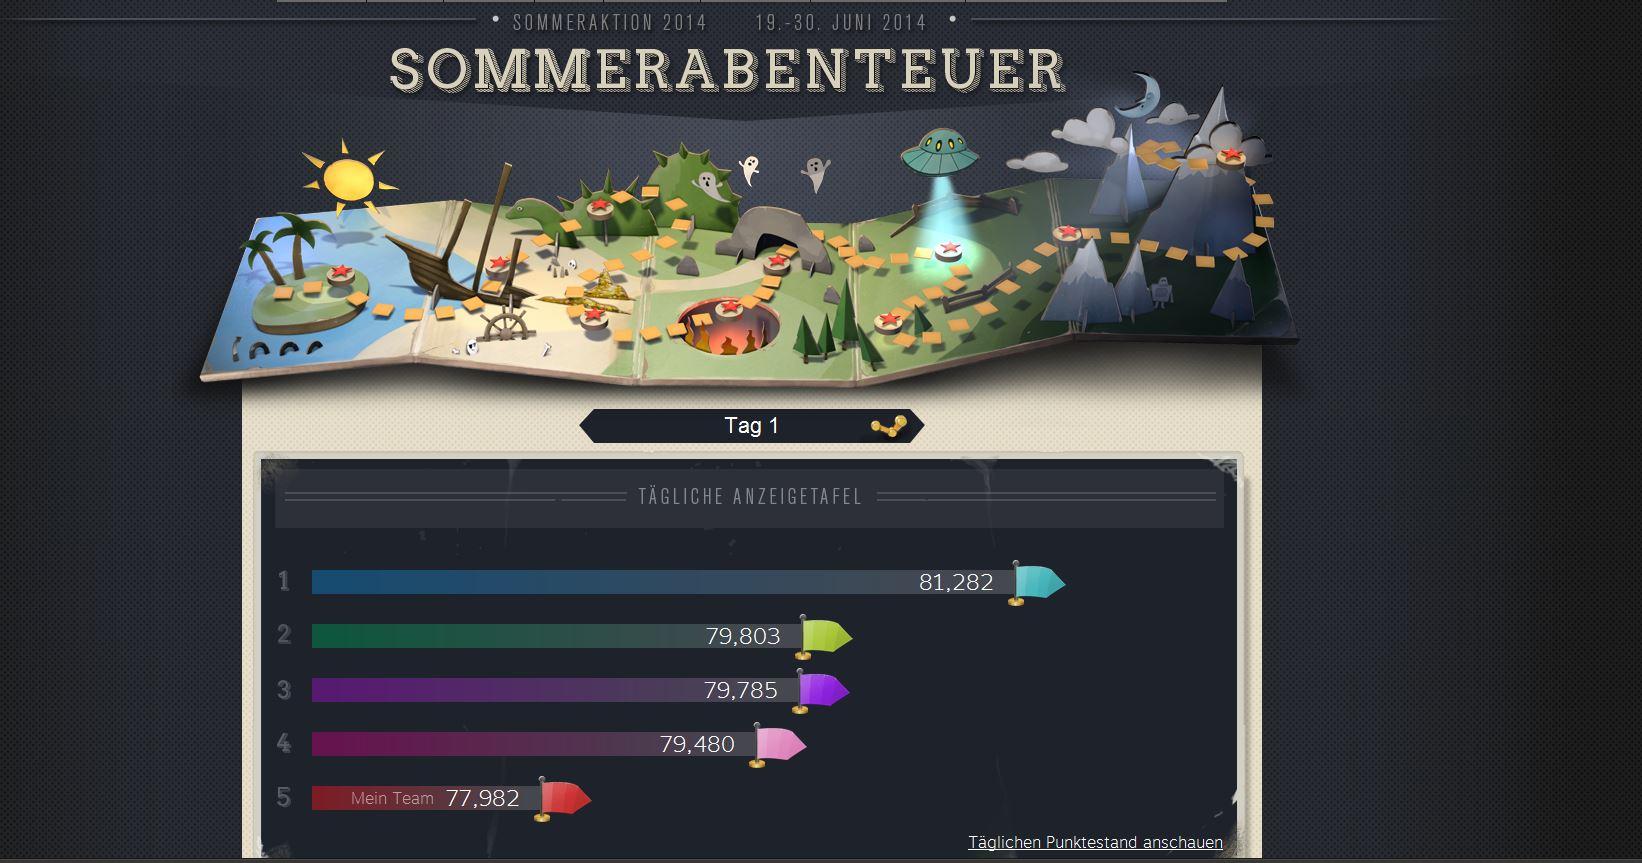 Steam Summer Sale 2014 Sommerabenteuer Tag 1